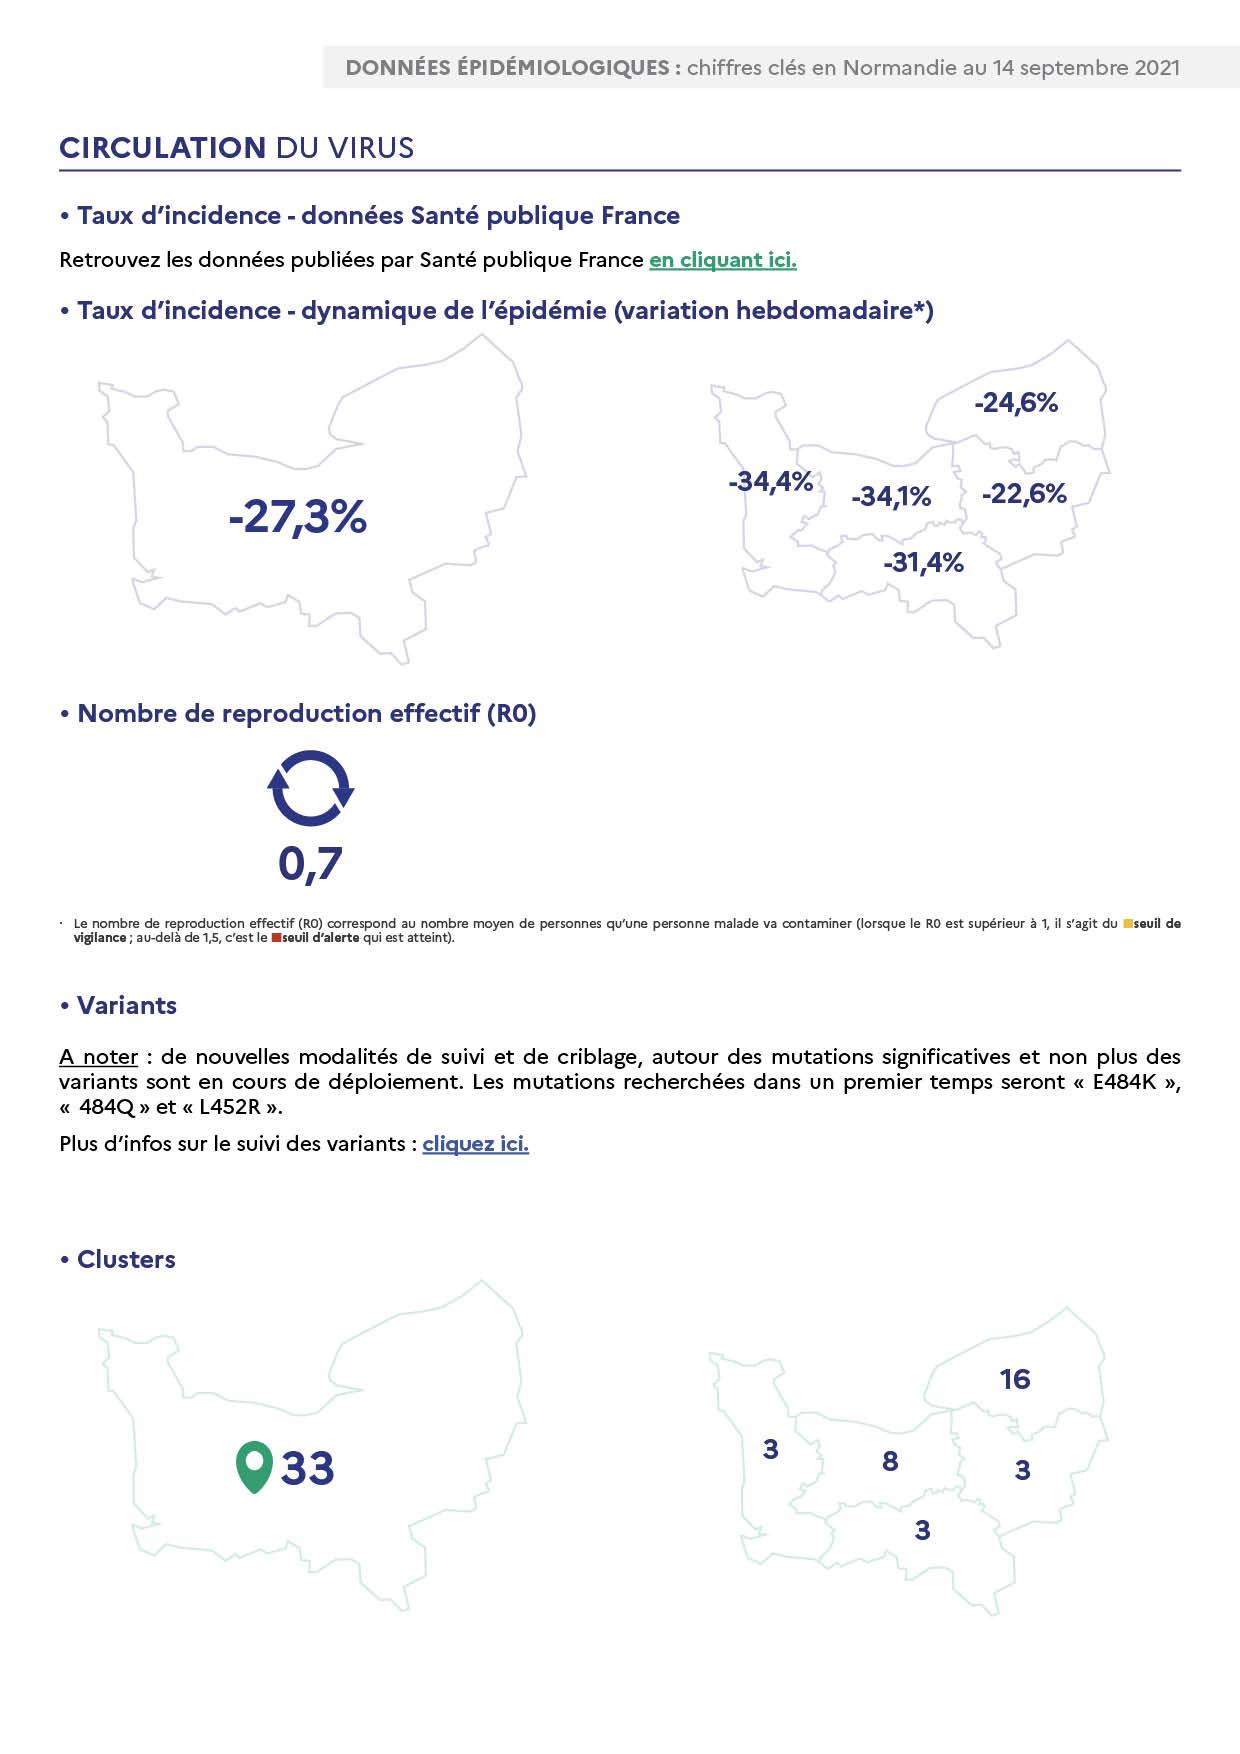 Données épidémiologiques : Chiffres clés en Normandie au 14 septembre 2021 page 1